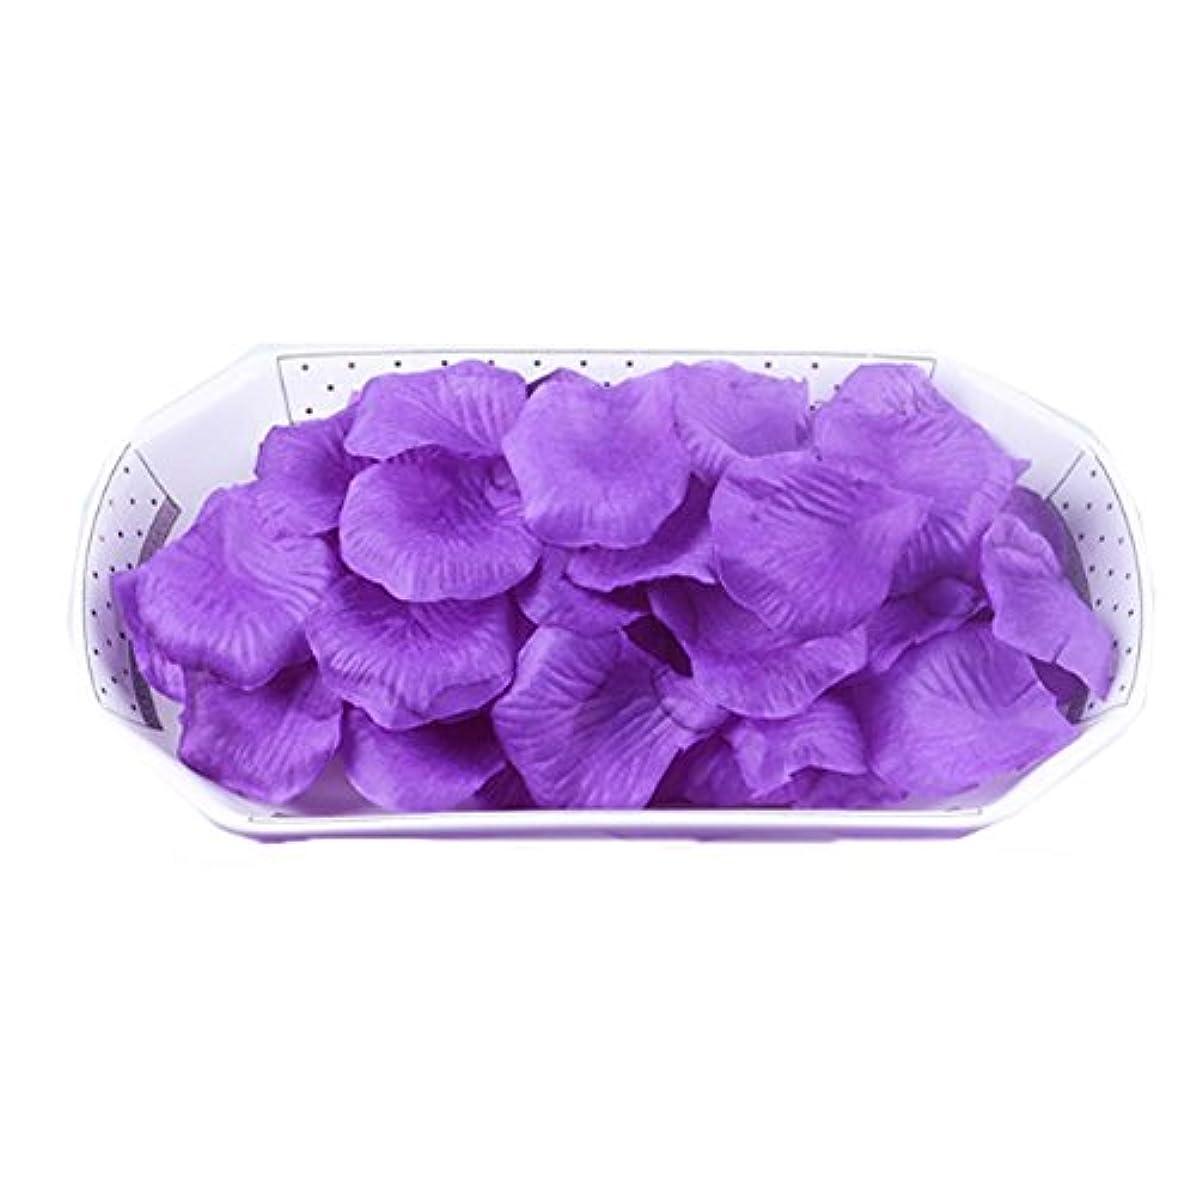 不承認堤防スリップシューズ結婚式の装飾のための人工花の花びら紫2000 PC